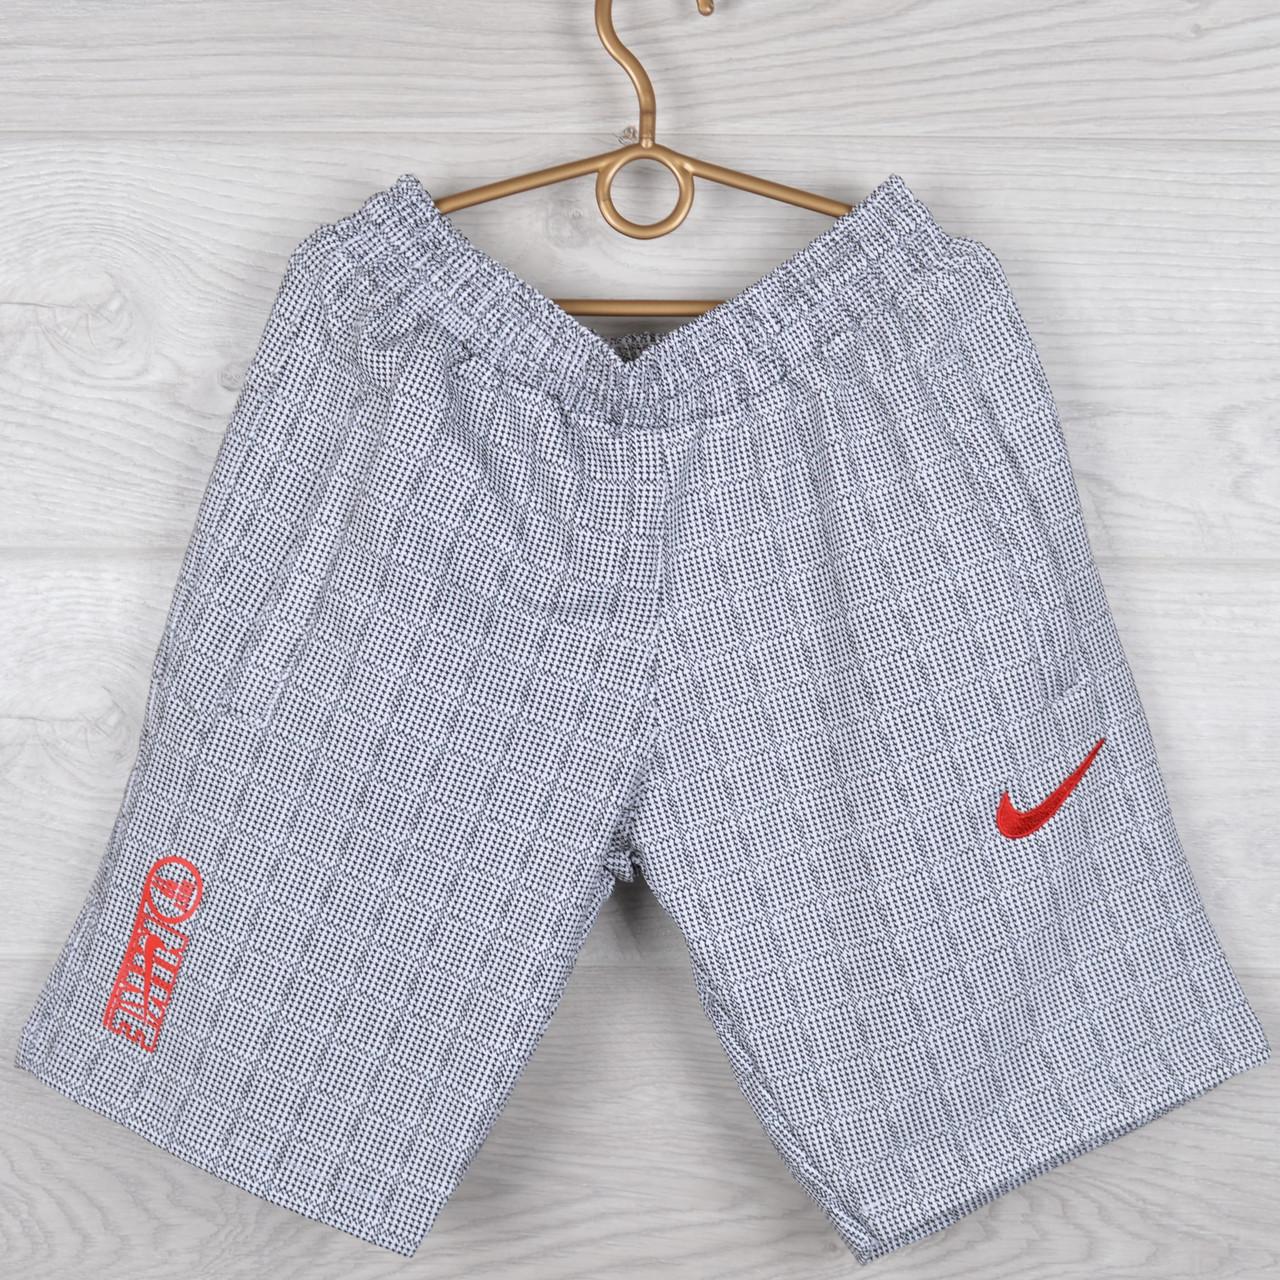 """Шорты подростковые трикотажные """"Nike Red"""". Размеры 40-42-44-46-48 (10-14 лет). Мелкая клетка. Оптом"""